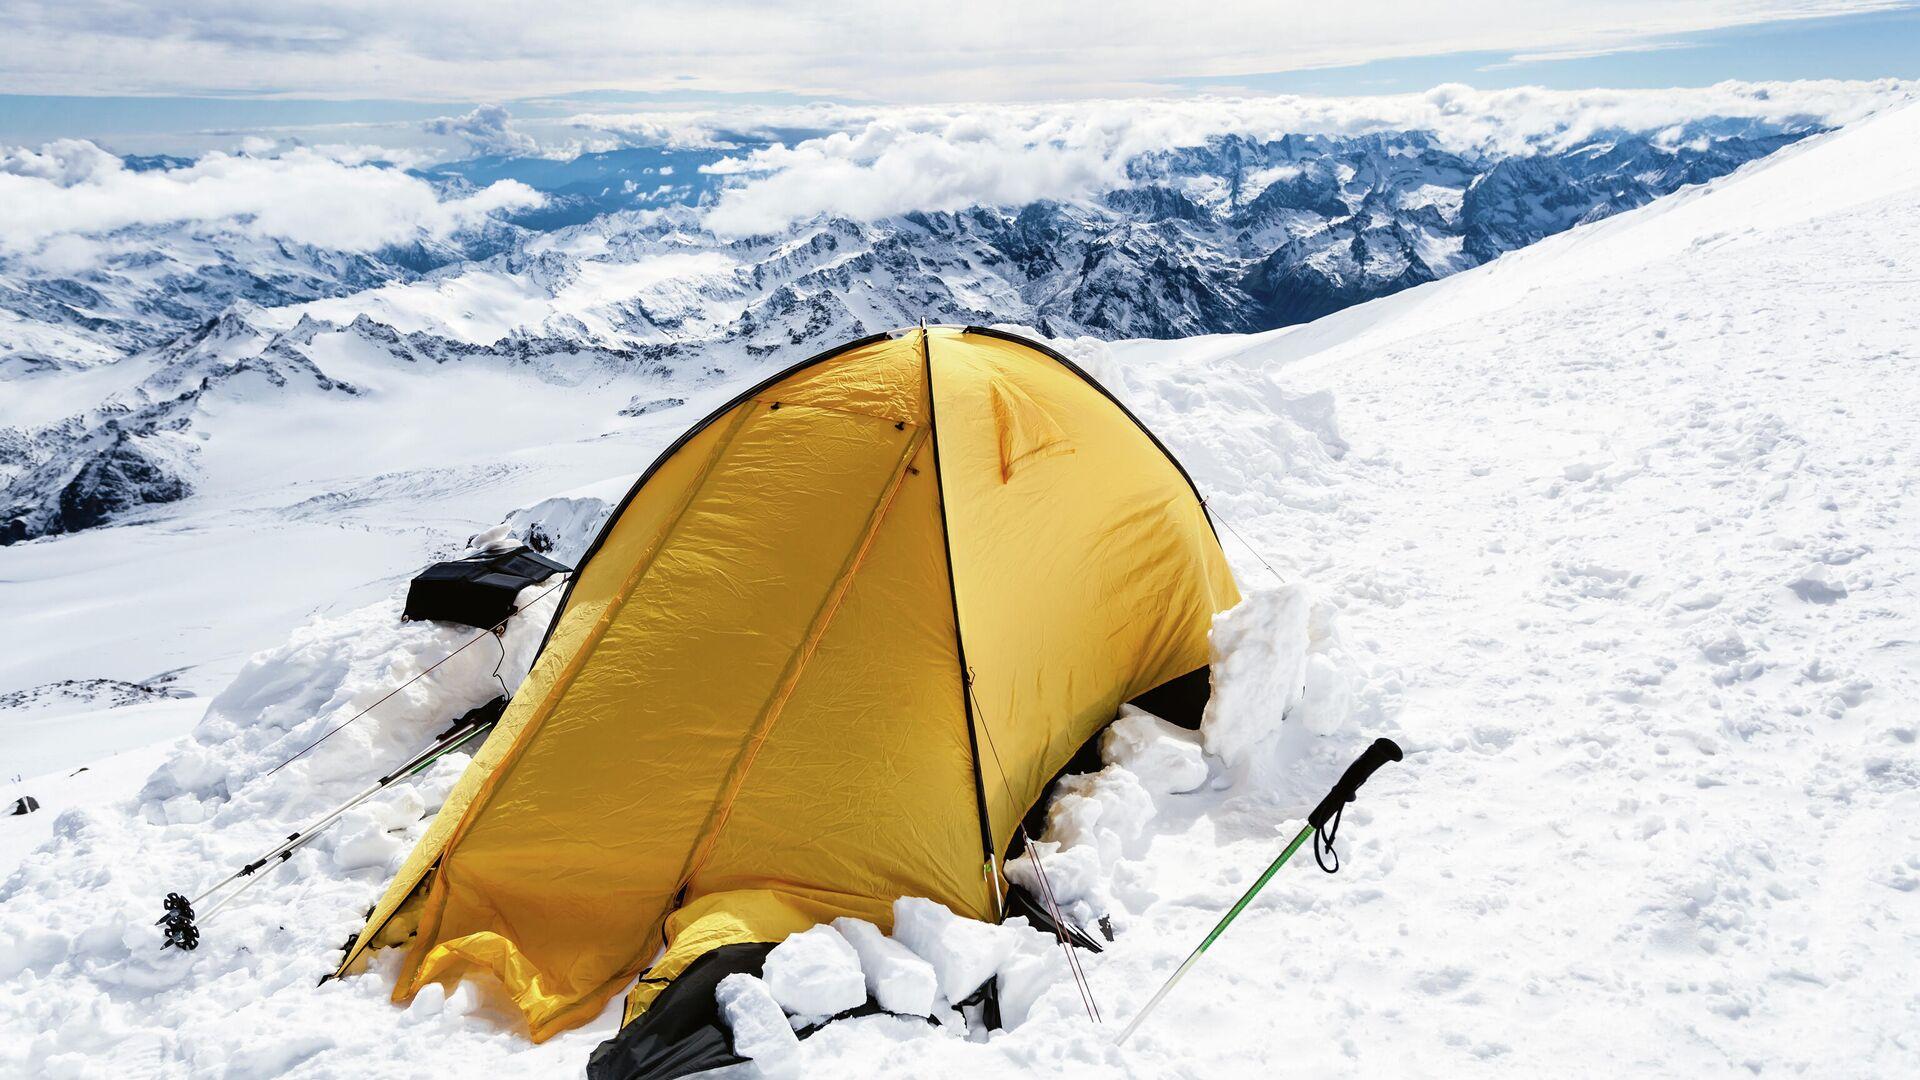 Палаточный лагерь по пути на вершину горы Эльбрус  - РИА Новости, 1920, 24.09.2021